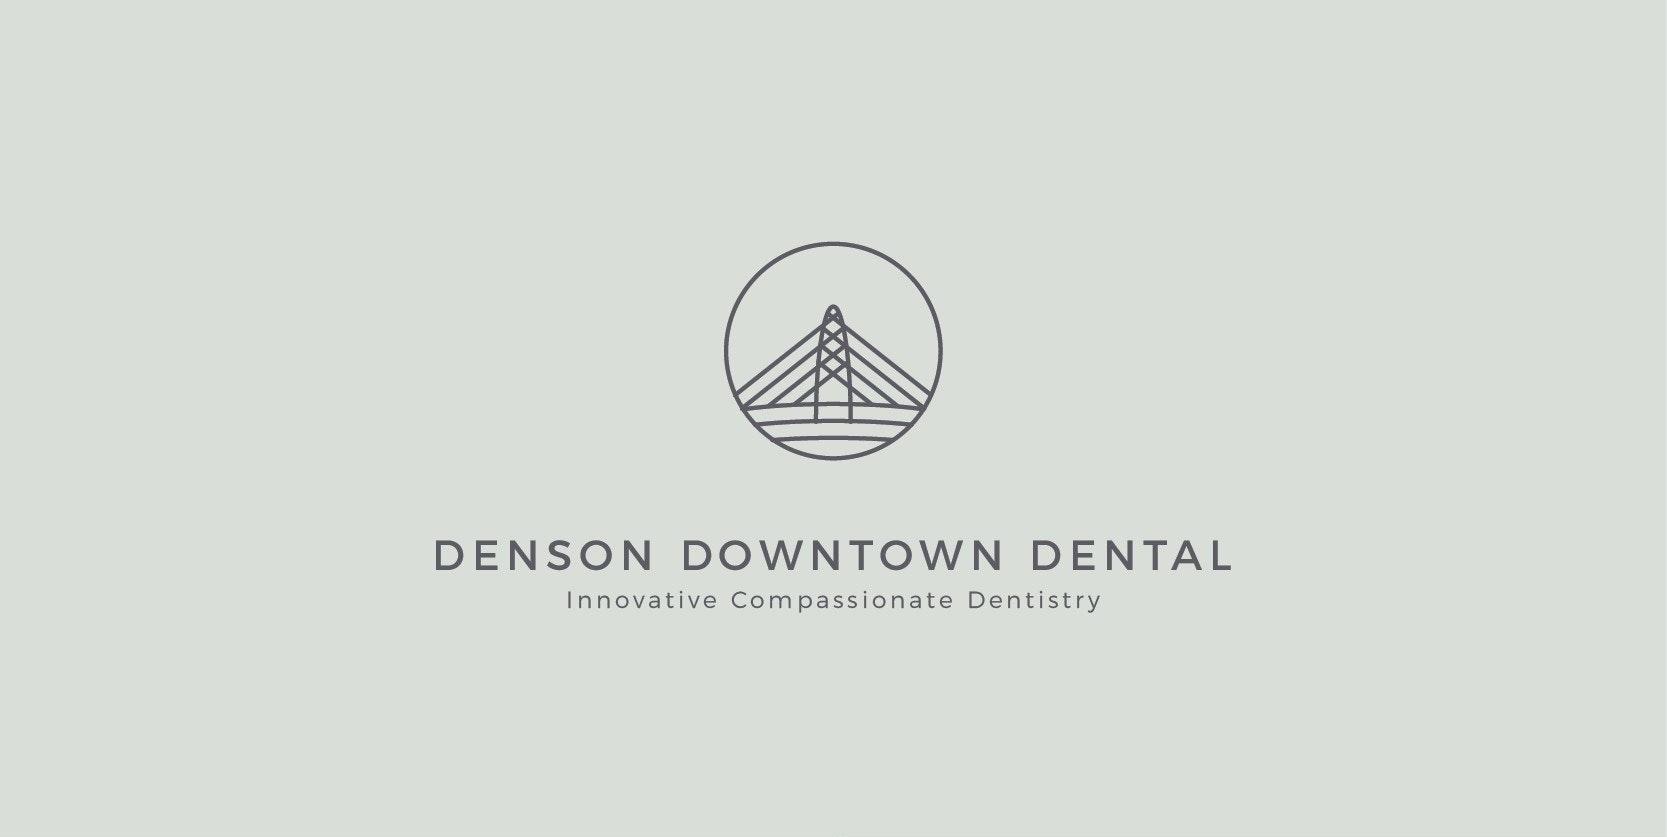 Denson Downtown Dental logo